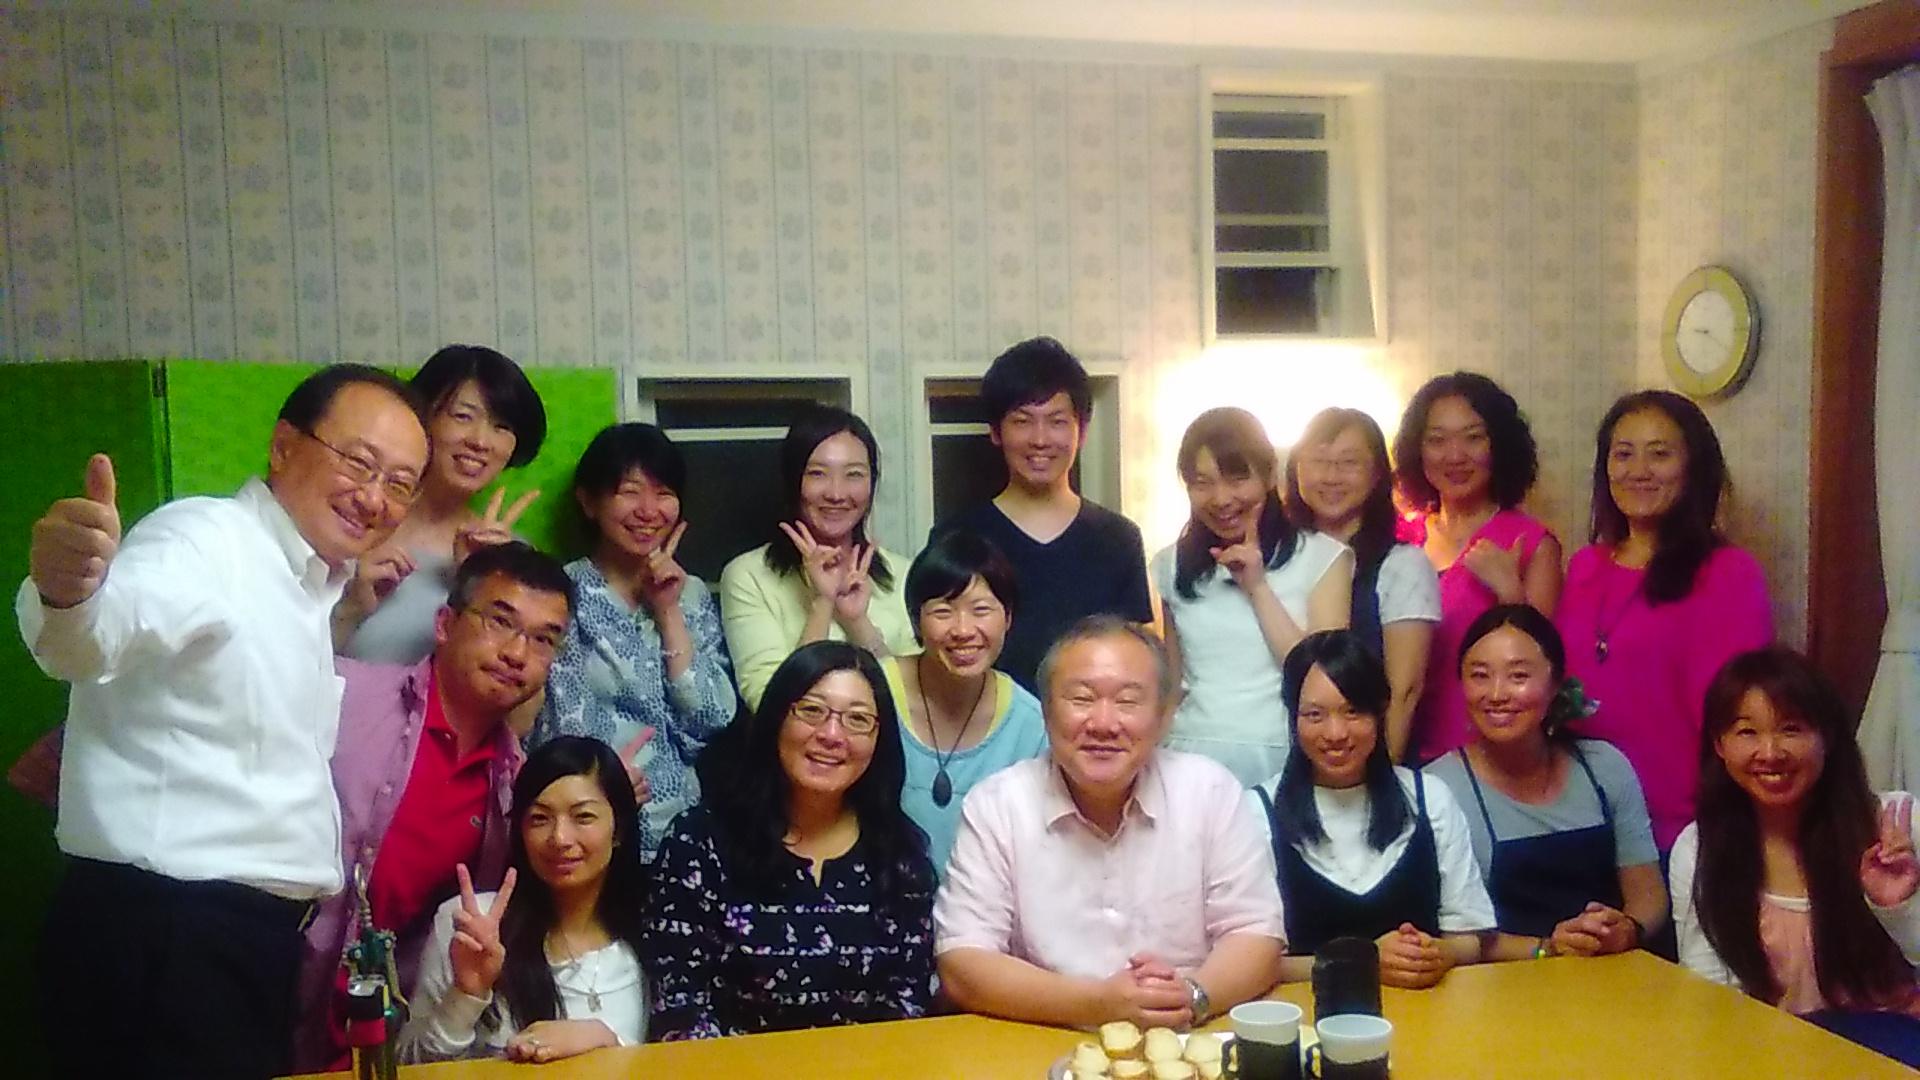 2017年6月20日(火)愛の子育て塾第10期第2講座